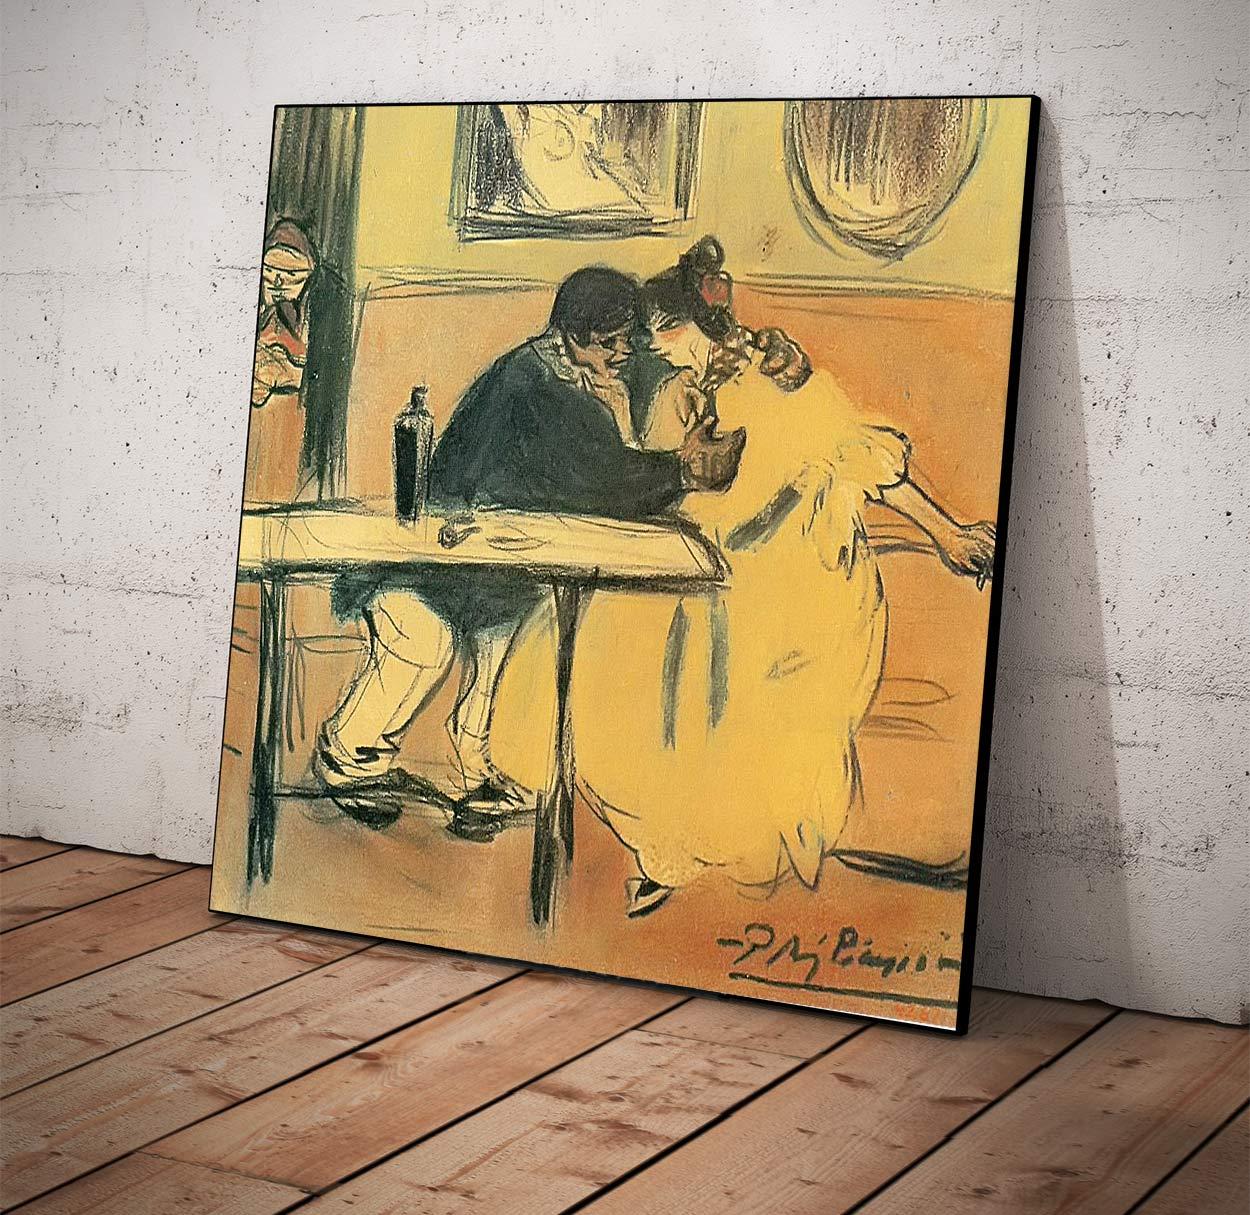 The Divan Pablo Picasso